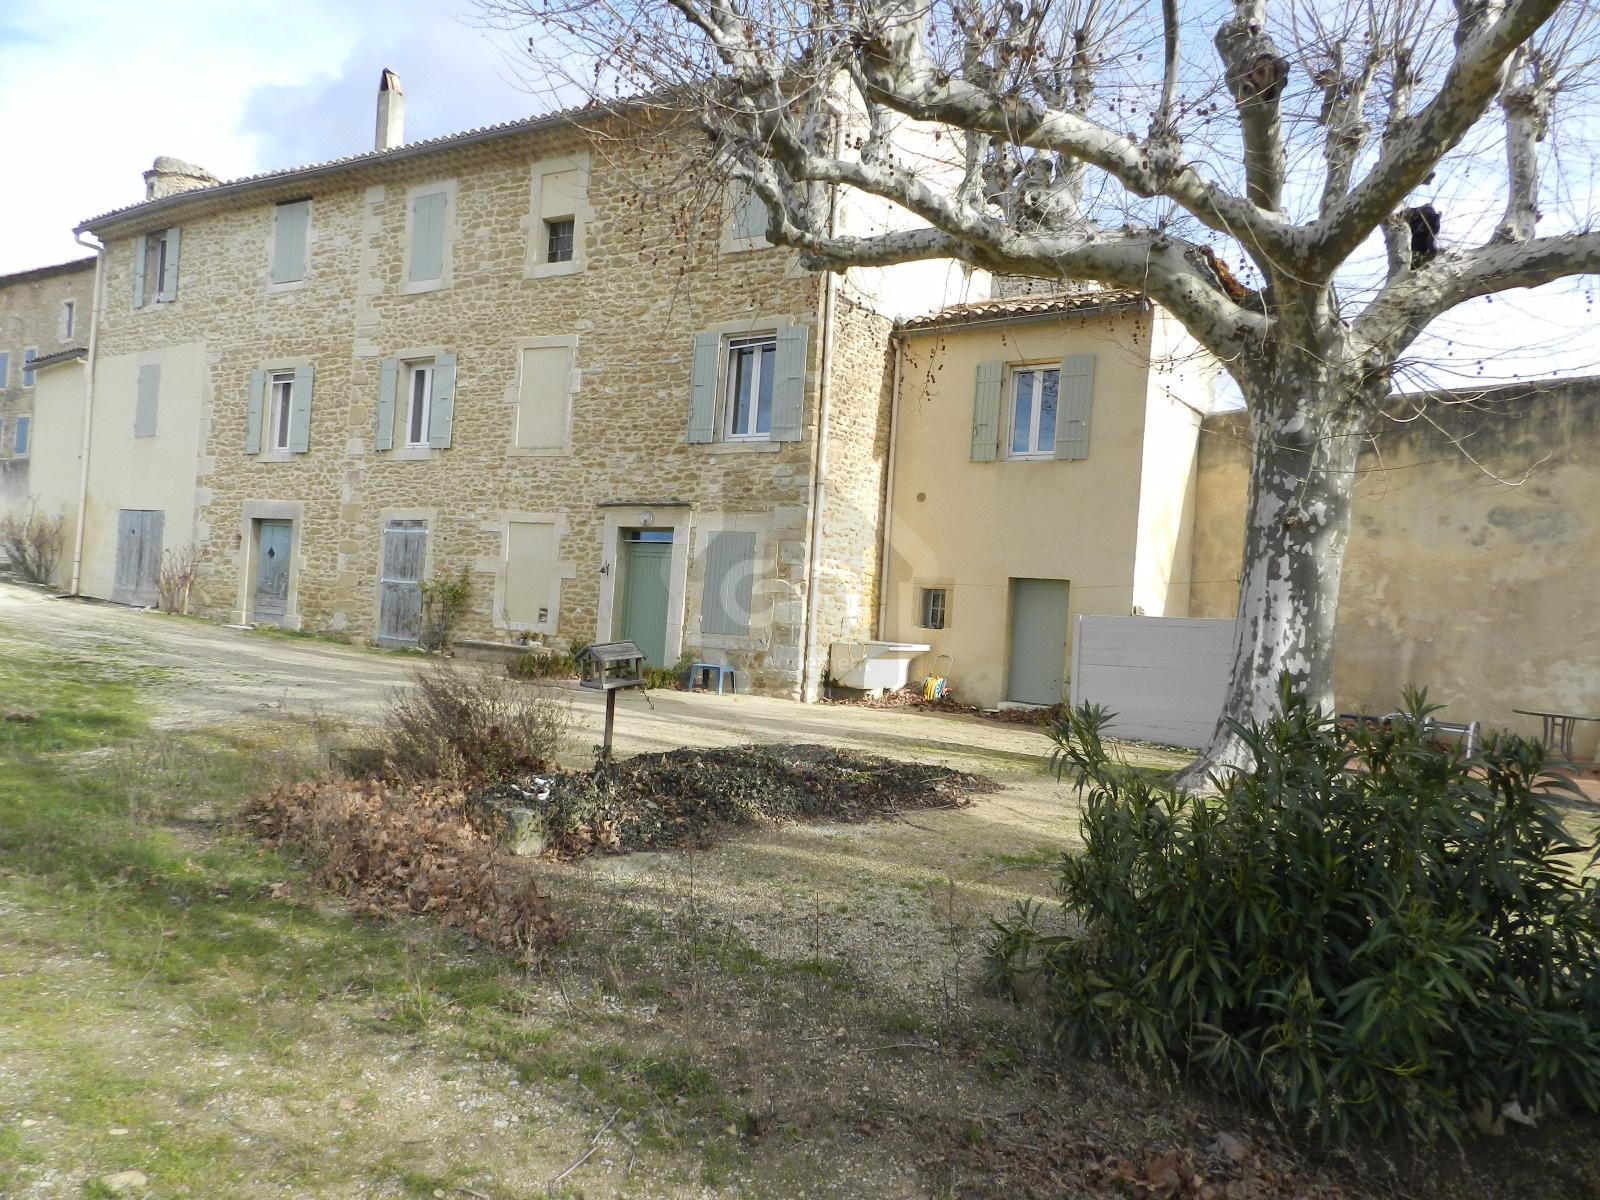 Annonce location maison bouchet 26790 120 m 890 for Annonces location maison